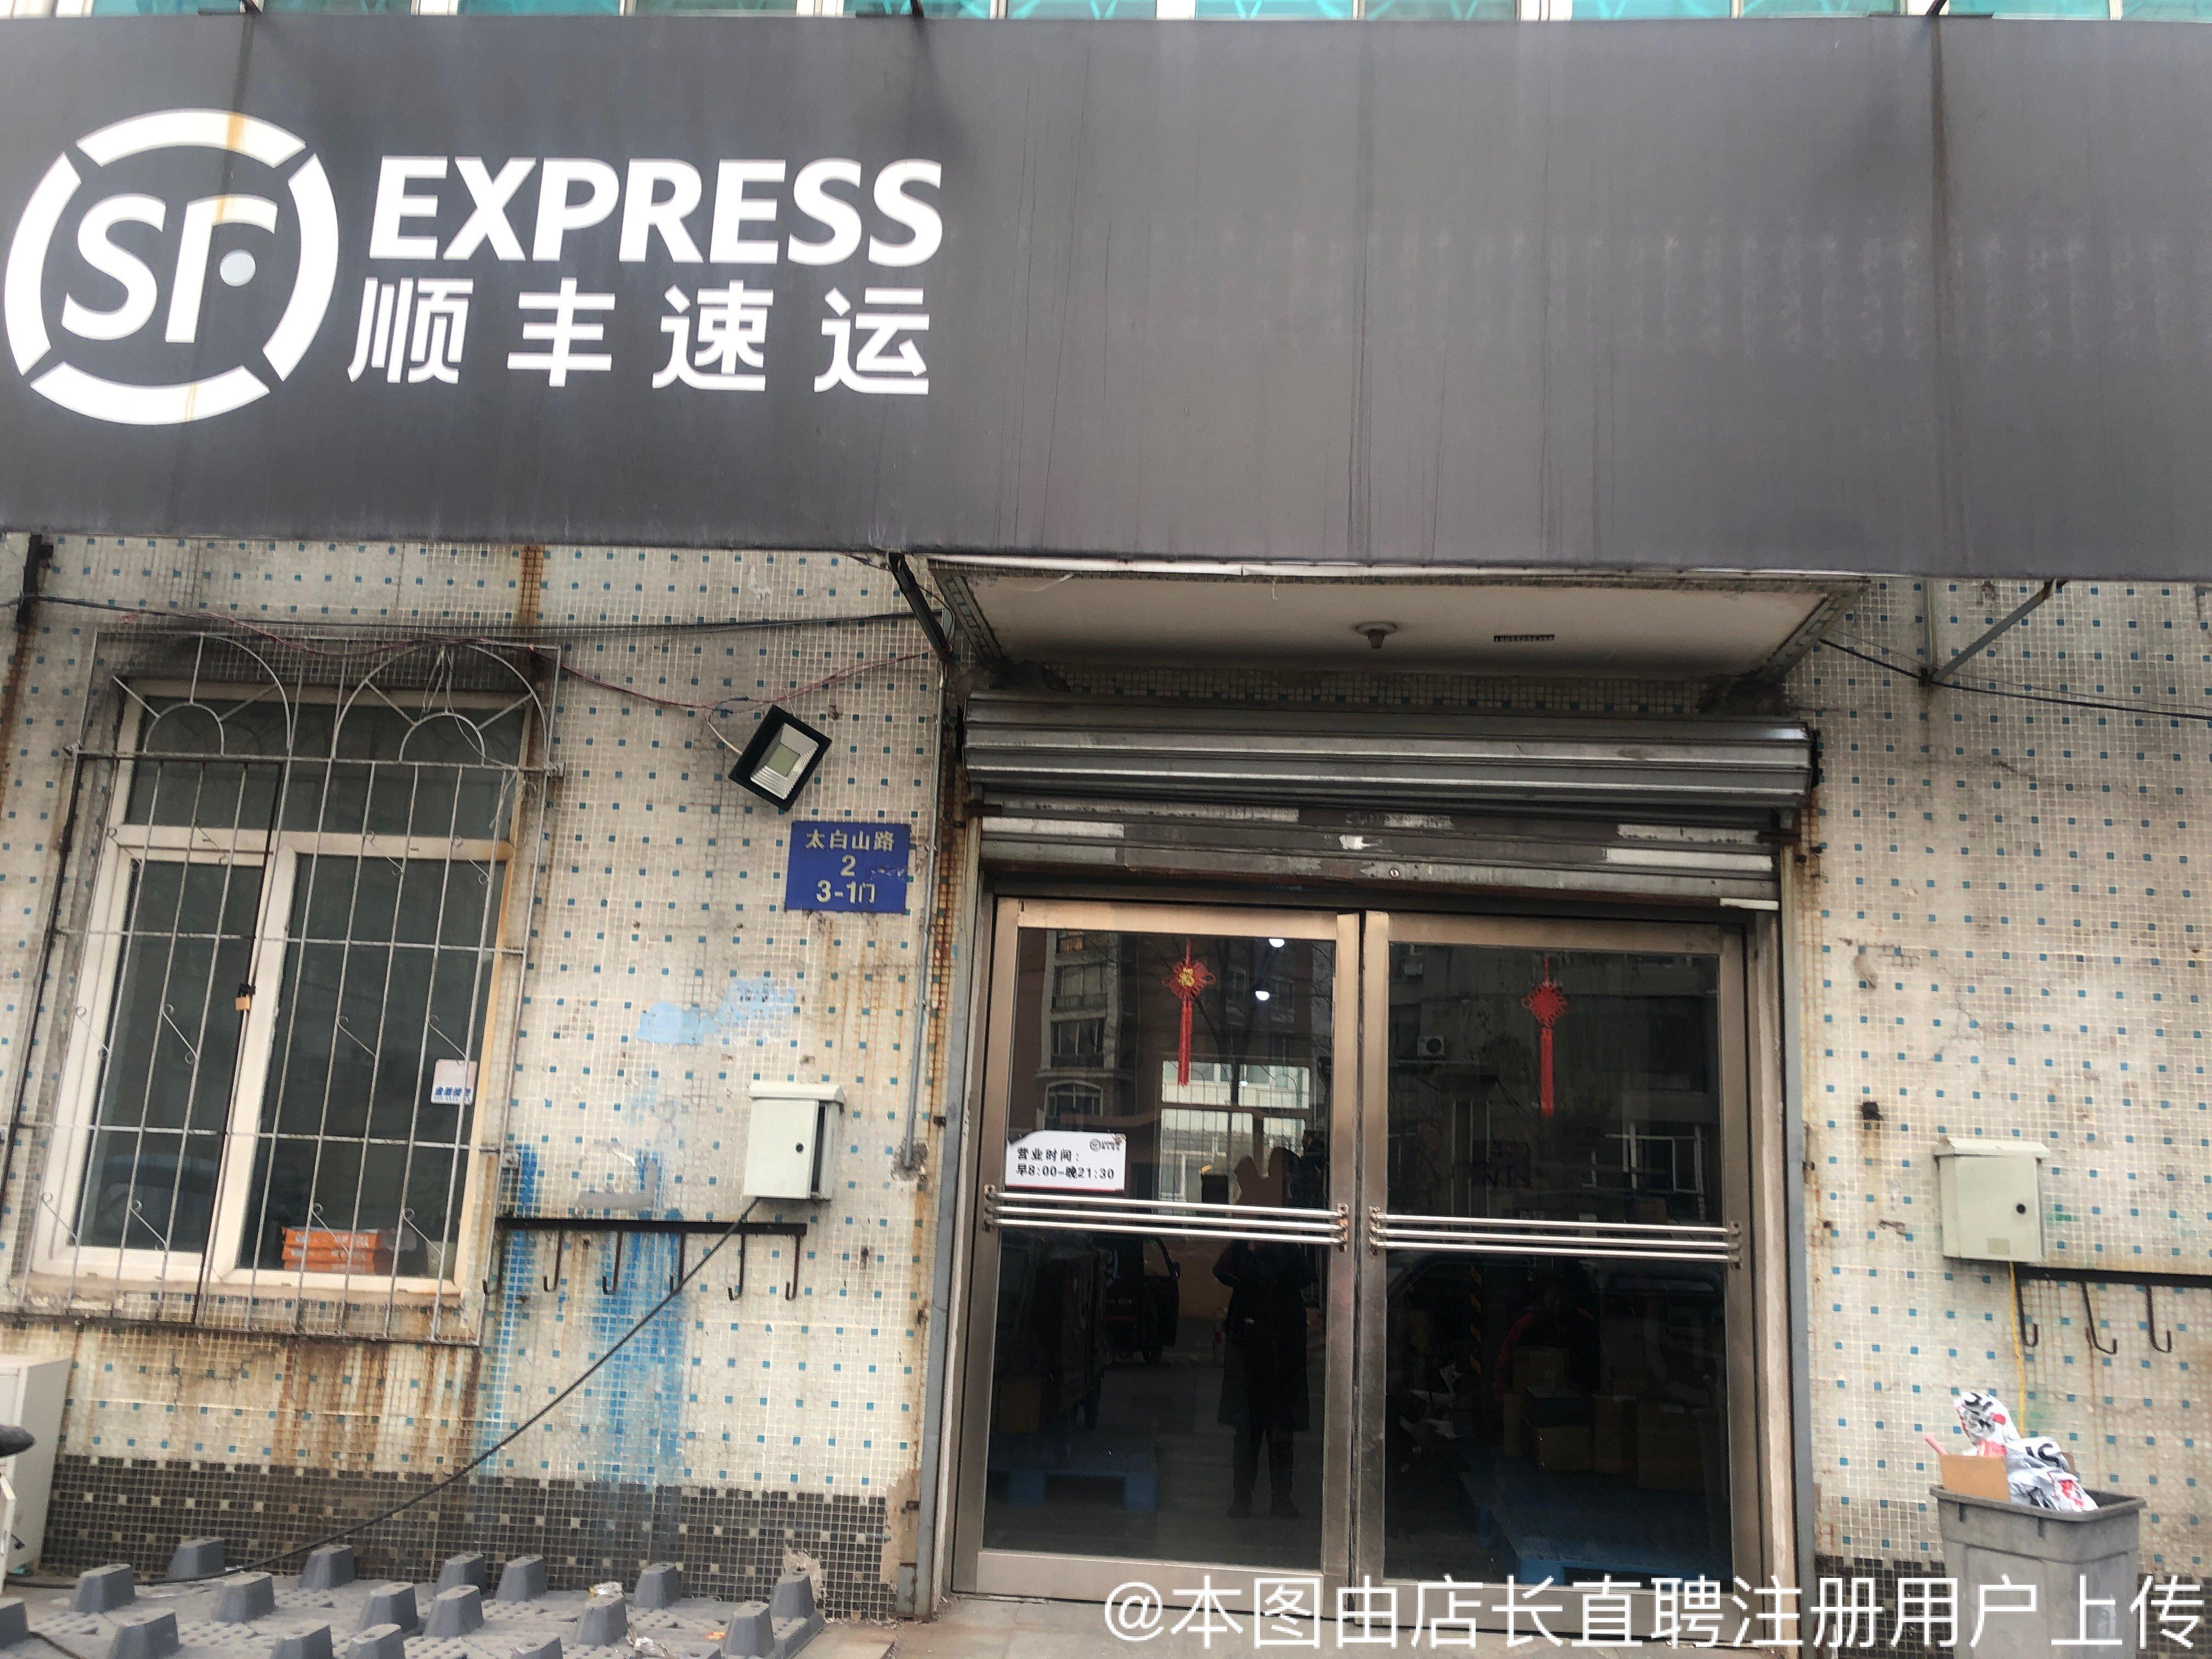 顺丰速运(沈阳)有限公司塔湾分公司